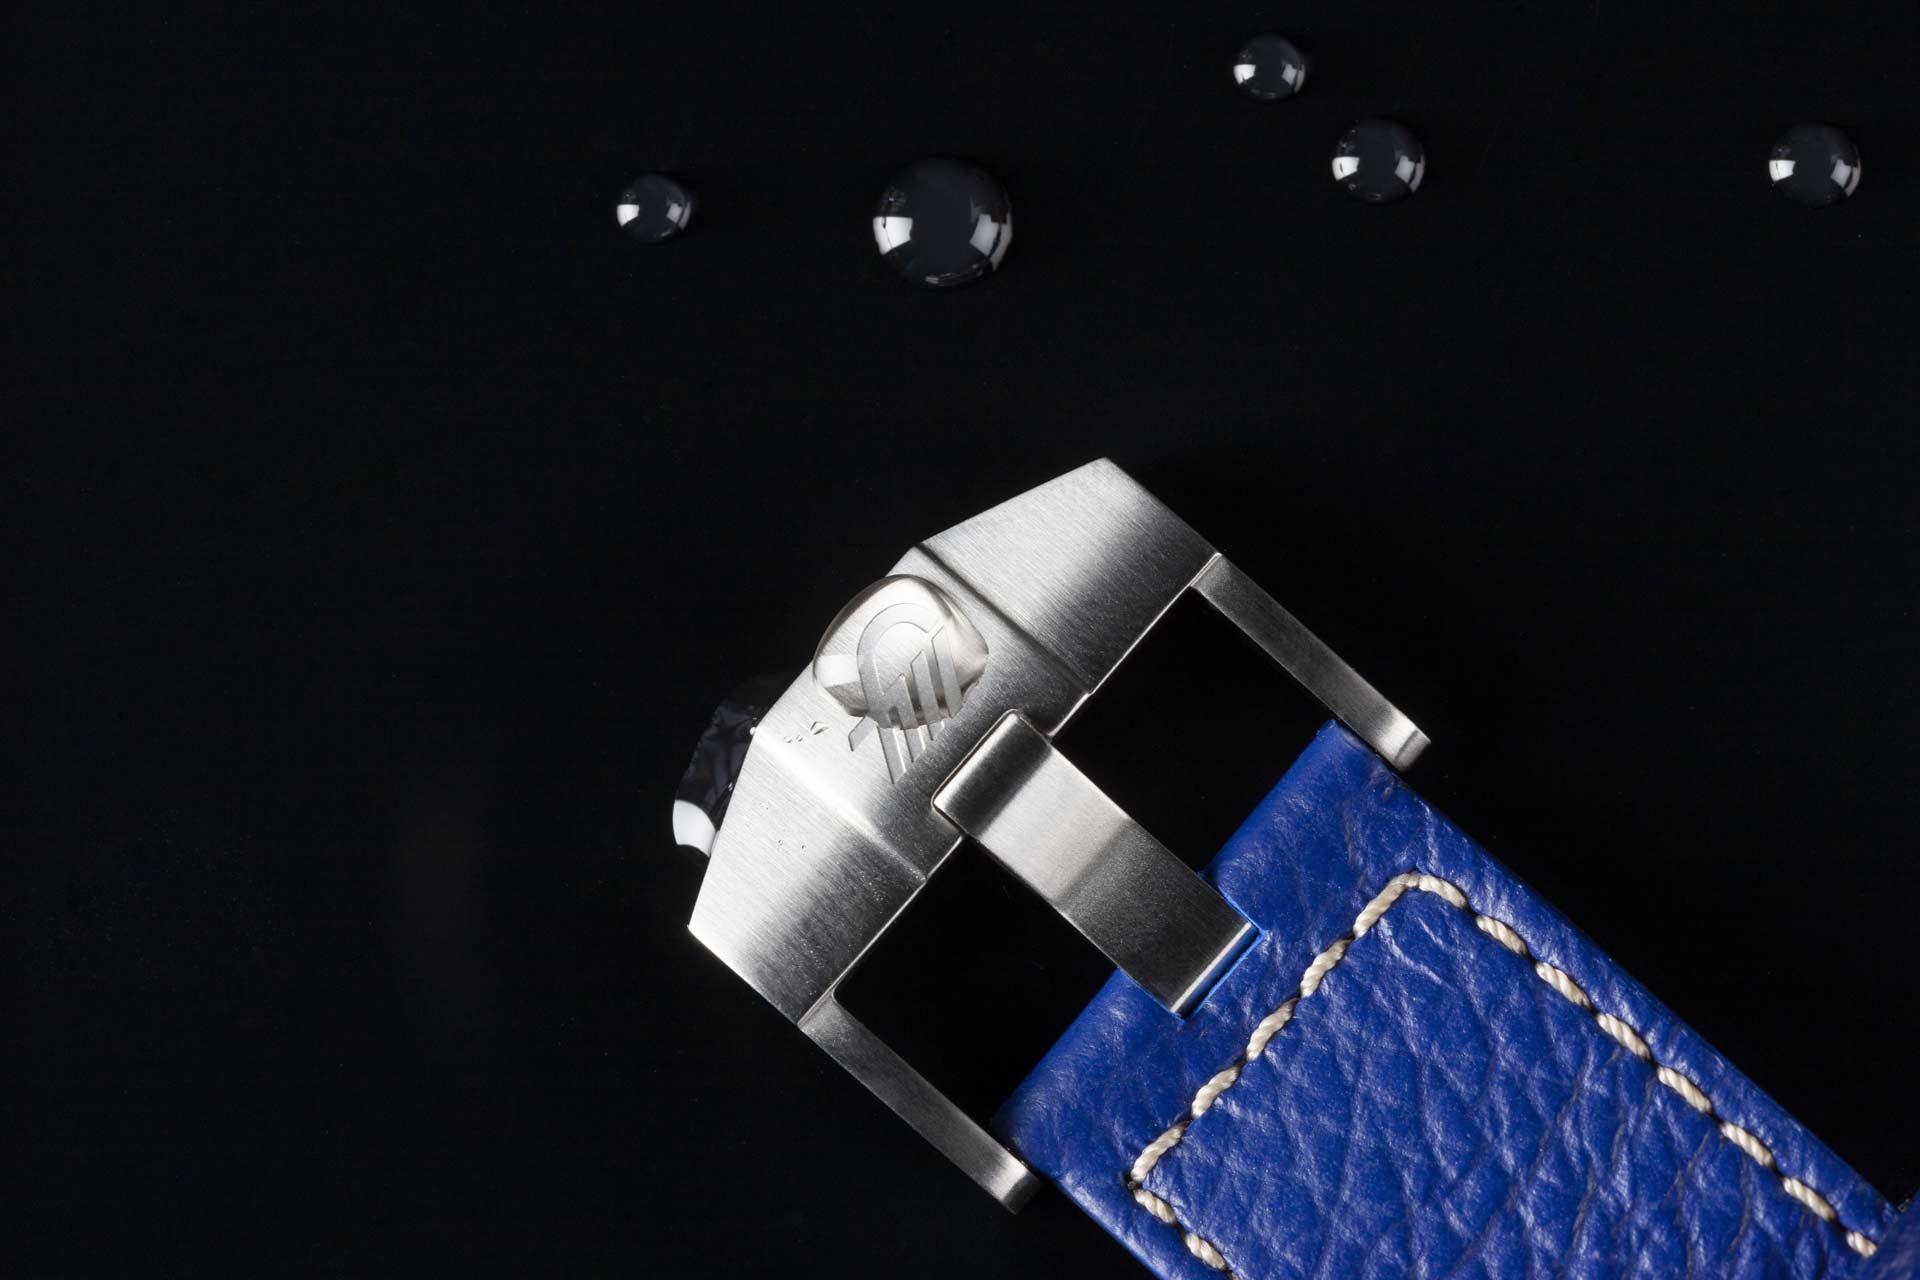 cinghia-orologio-dettaglio